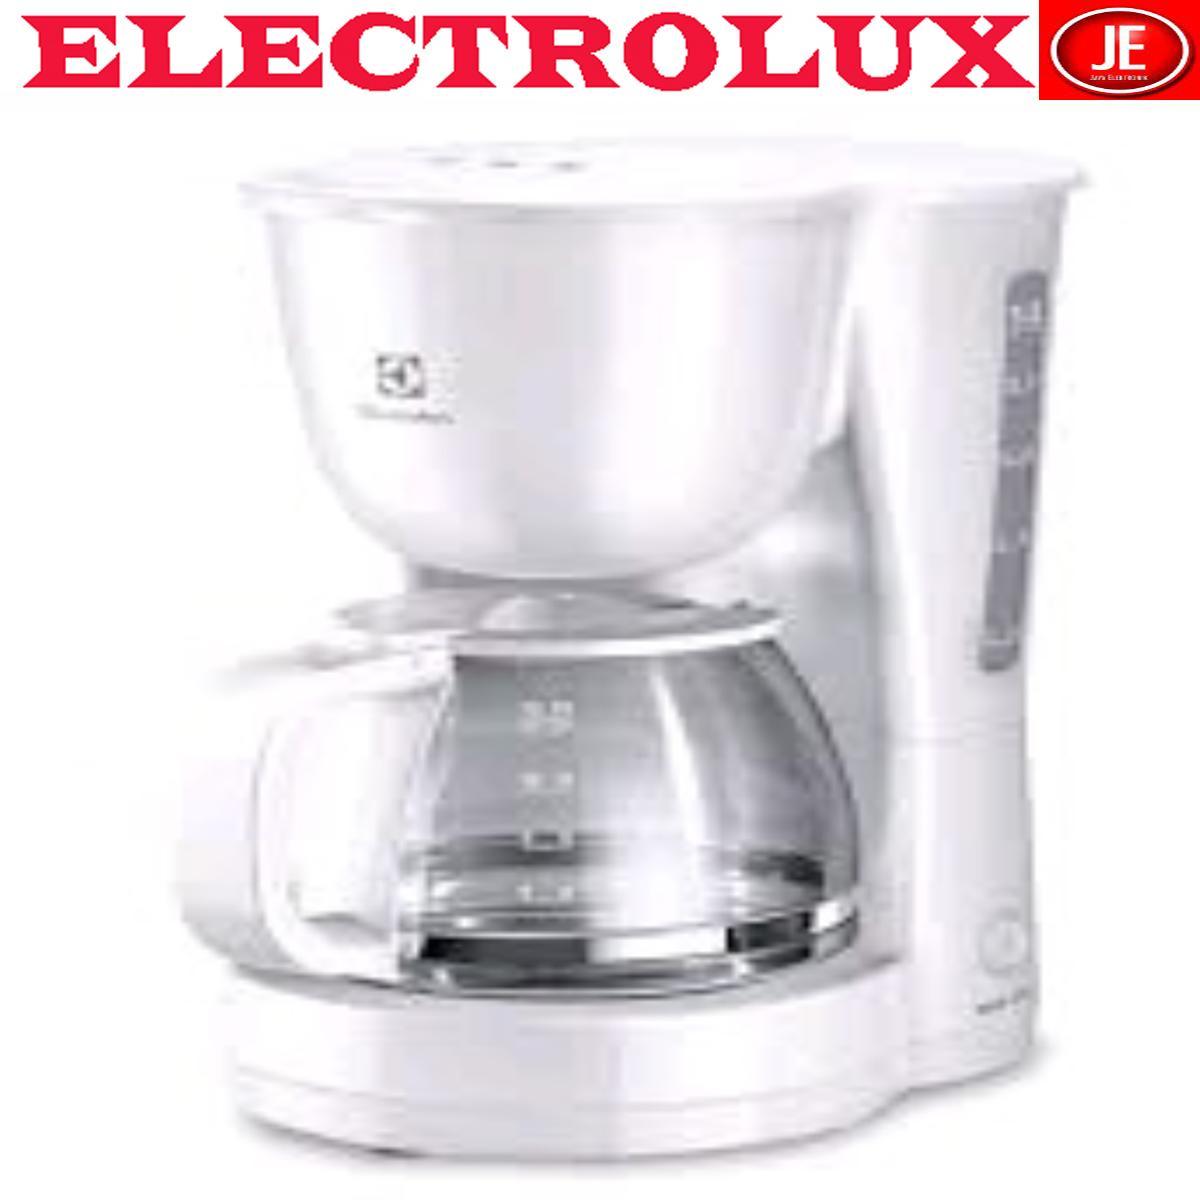 Jual Produk Electrolux Terlengka Setrika Edi1014 Coffee Maker Ecm 1303w Garansi Resmi